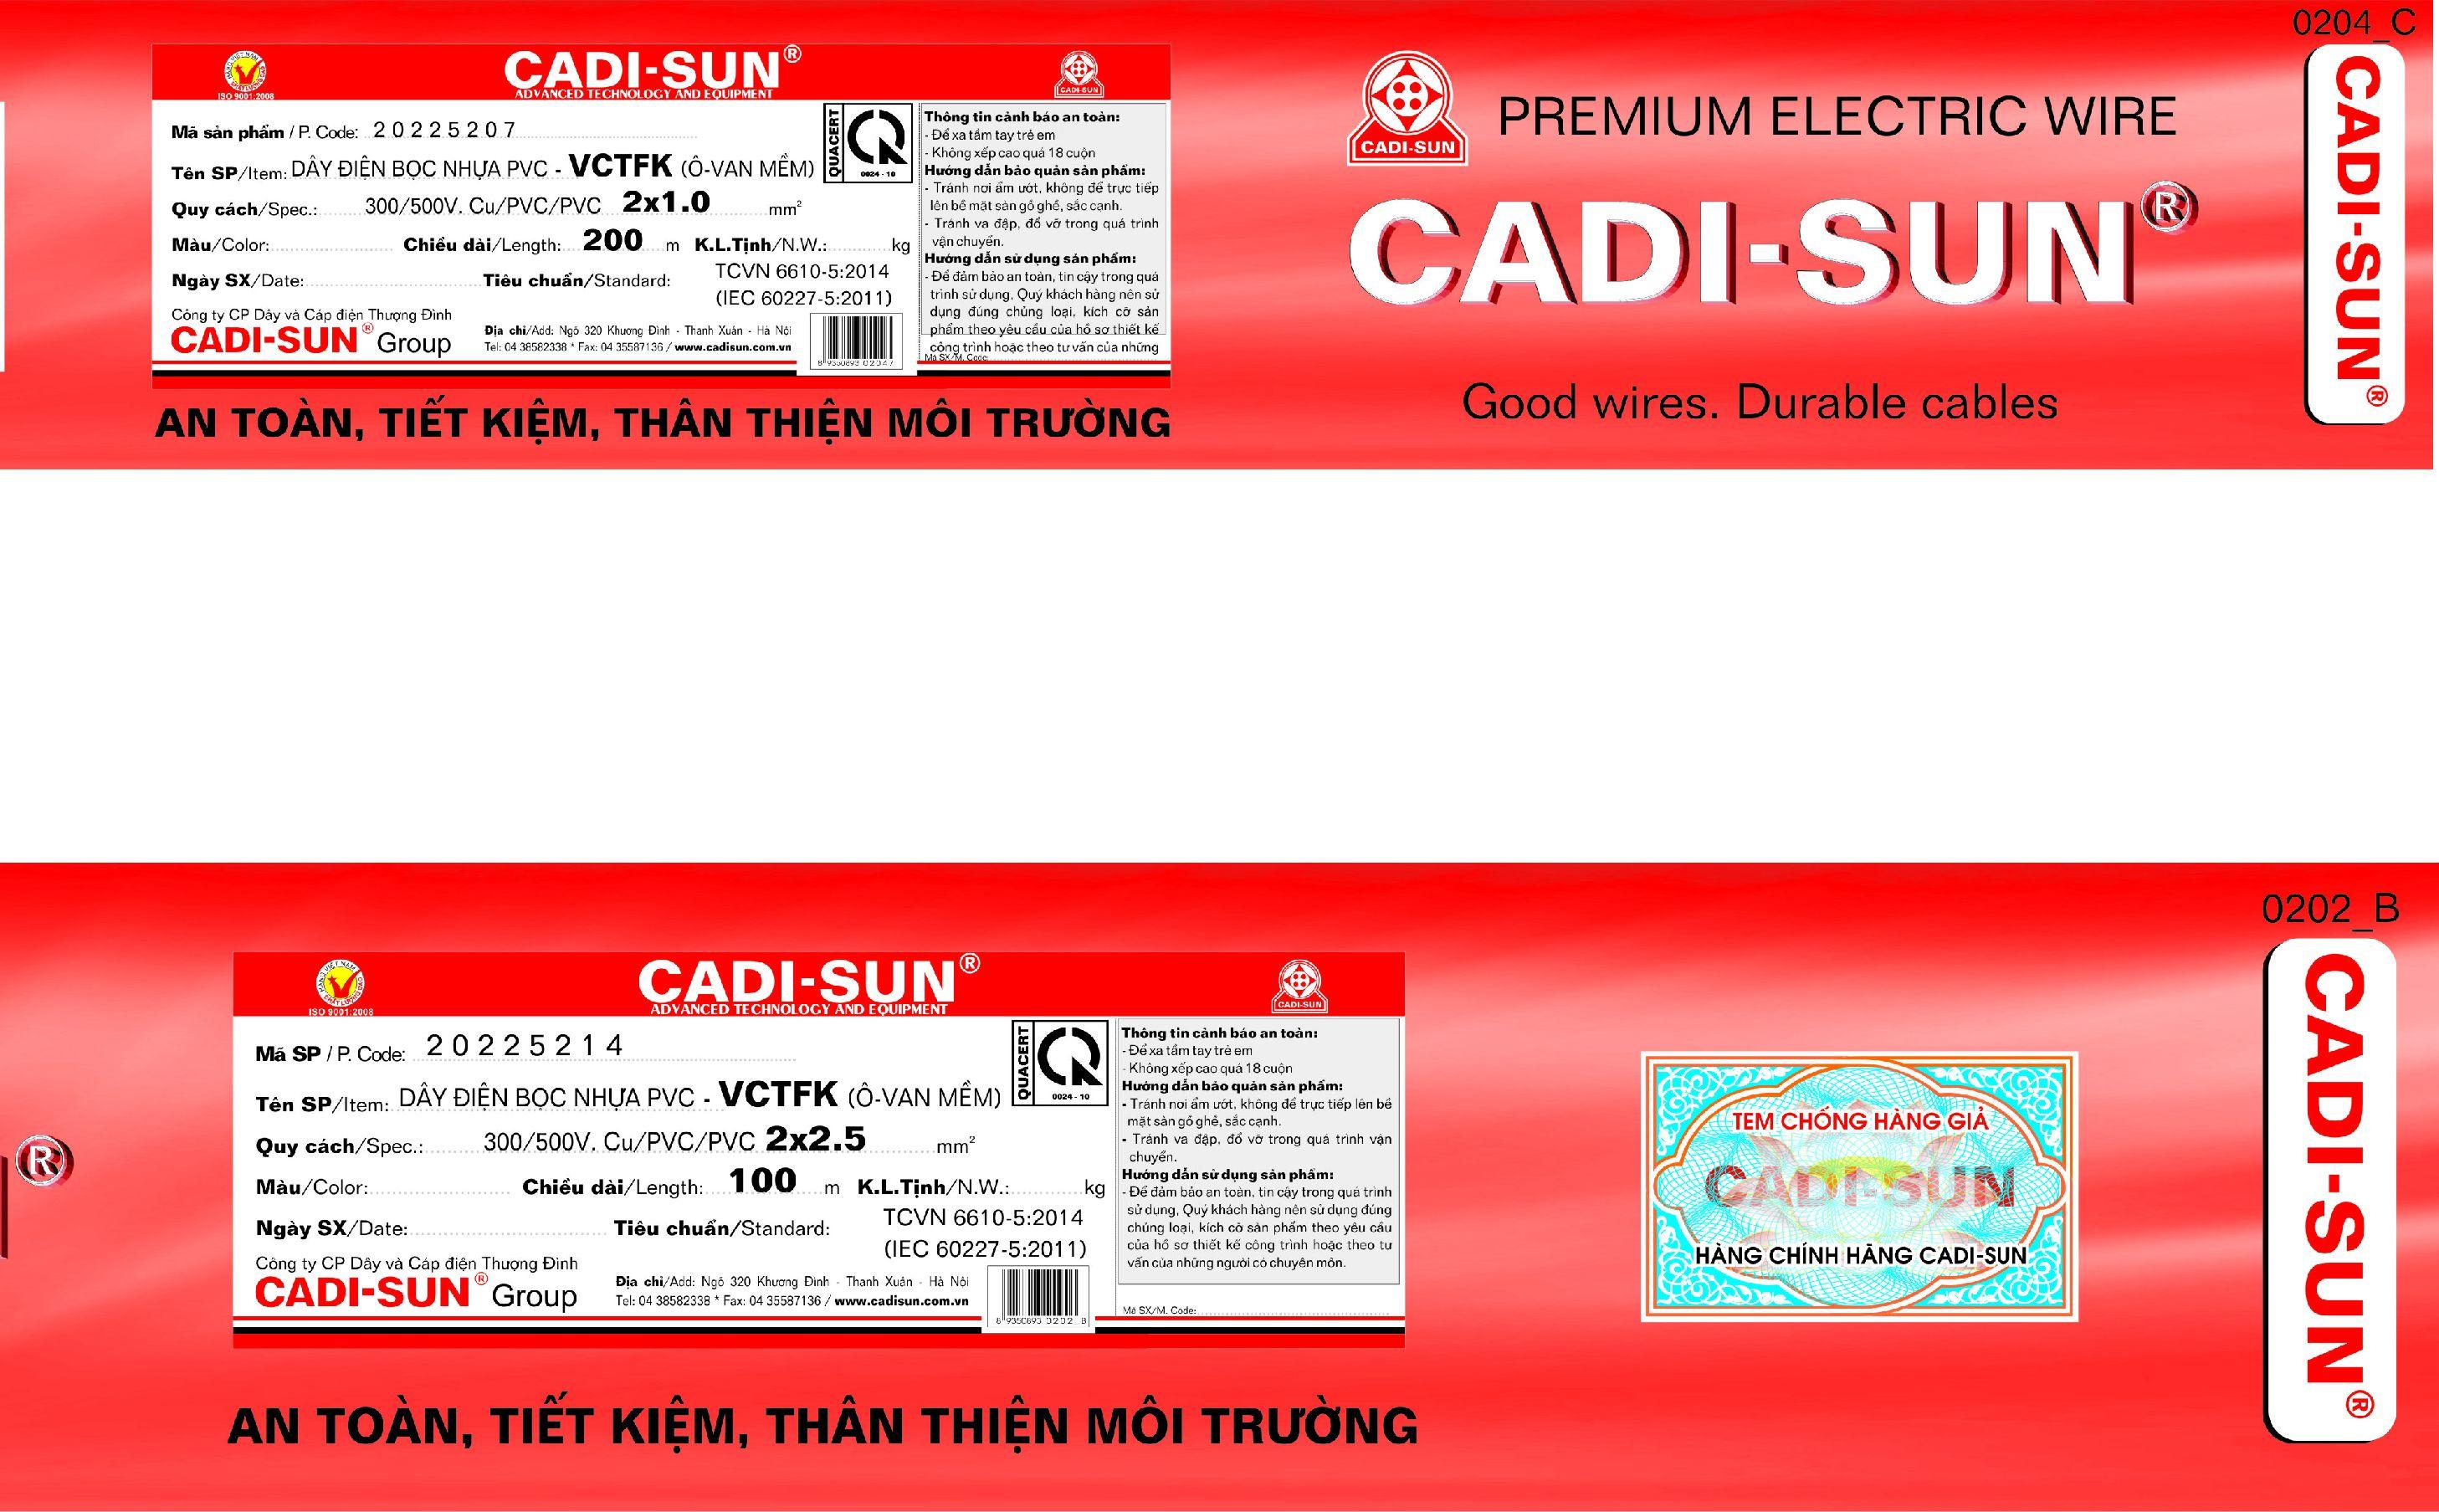 Dây điện Cadi-sun chính hãng và những cách nhận biết cơ bản - Ảnh 2